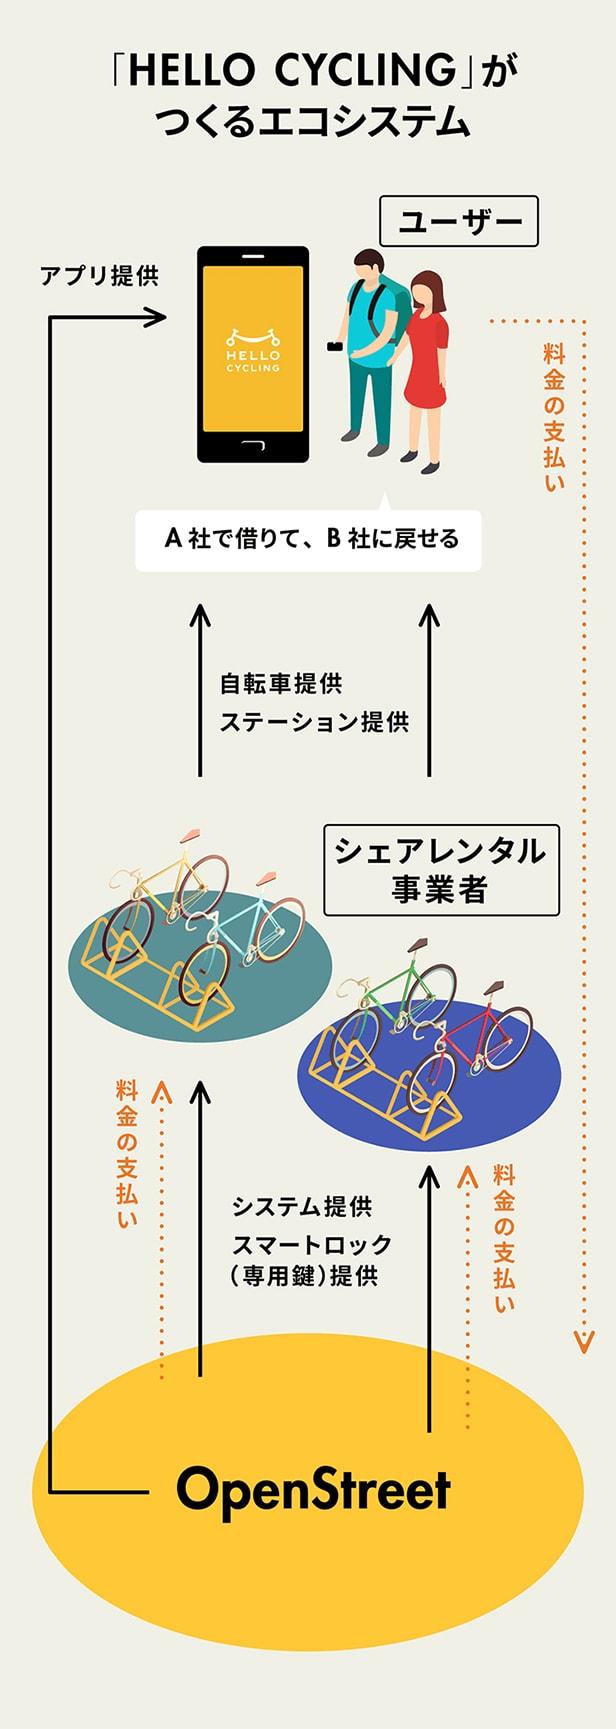 「HELLO CYCLING」がつくるエコシステム